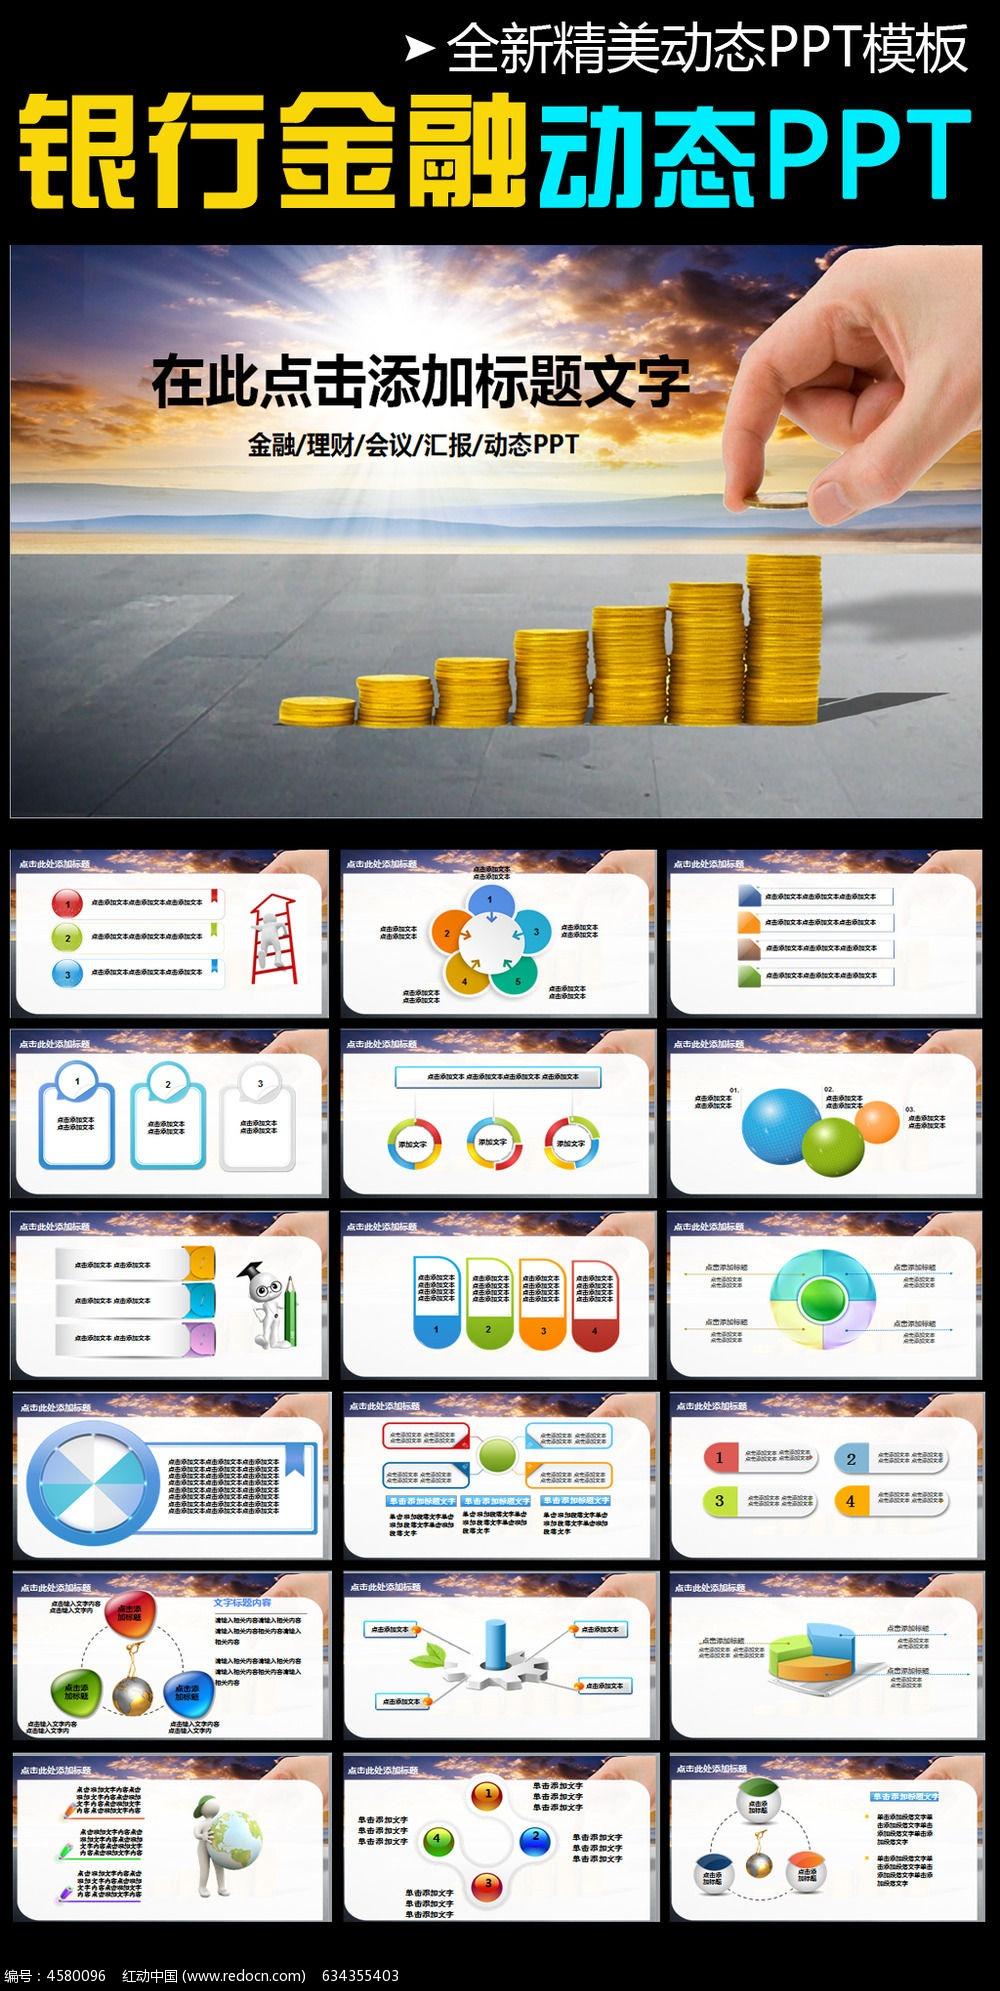 金融行业工作总结汇报动态PPT_ppt模板\/PPT